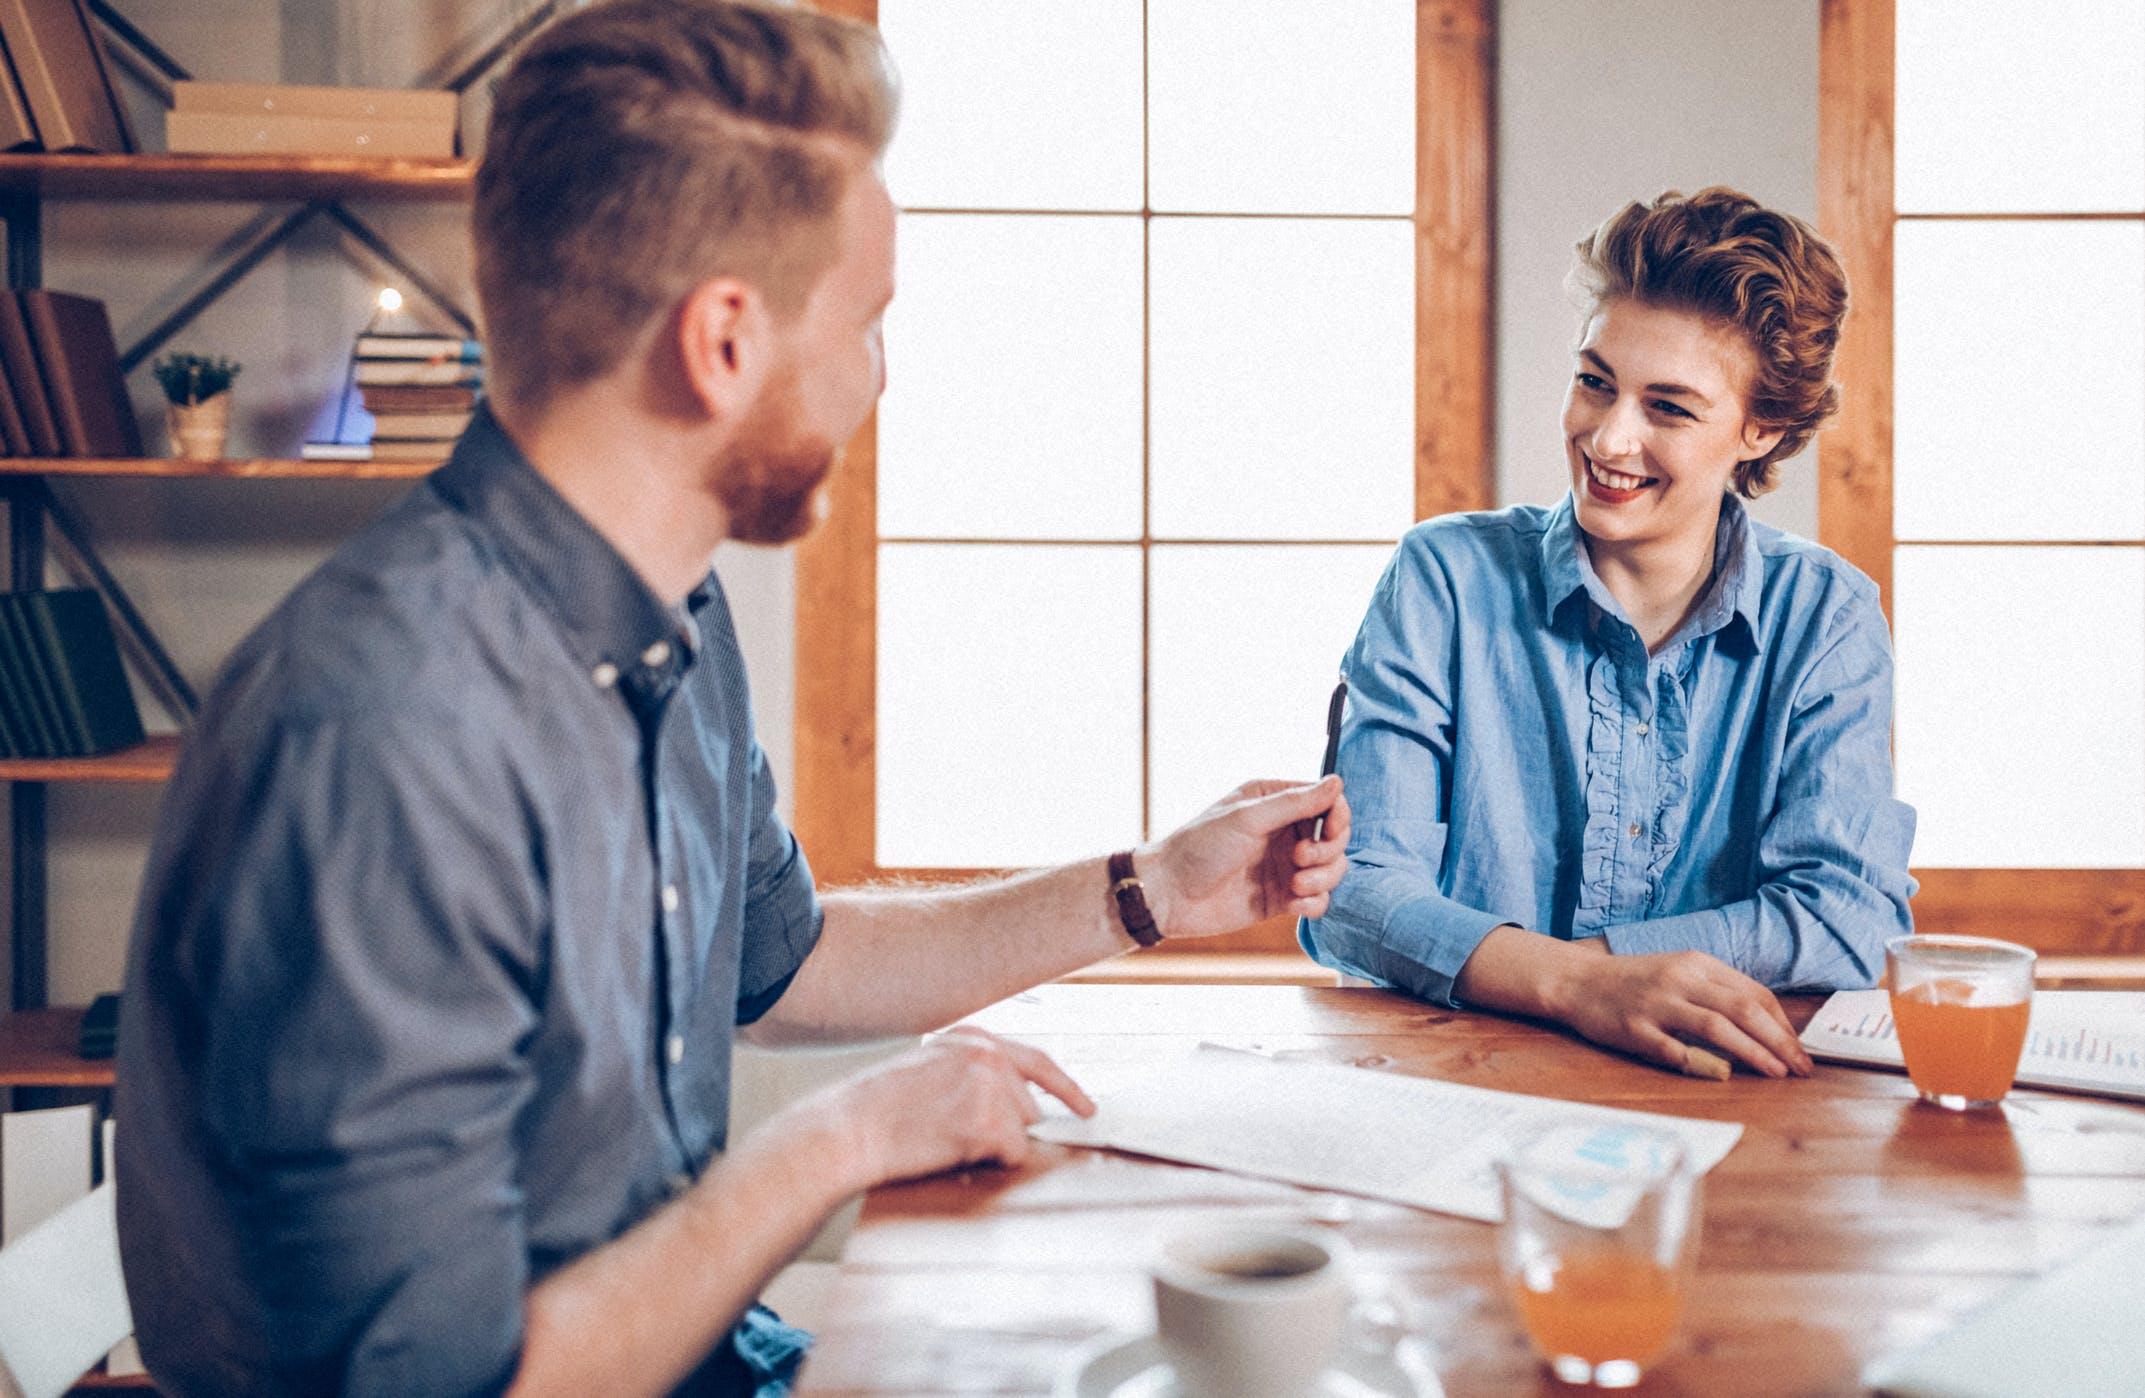 Użyczenie nieruchomości a najem - podobieństwa i różnice